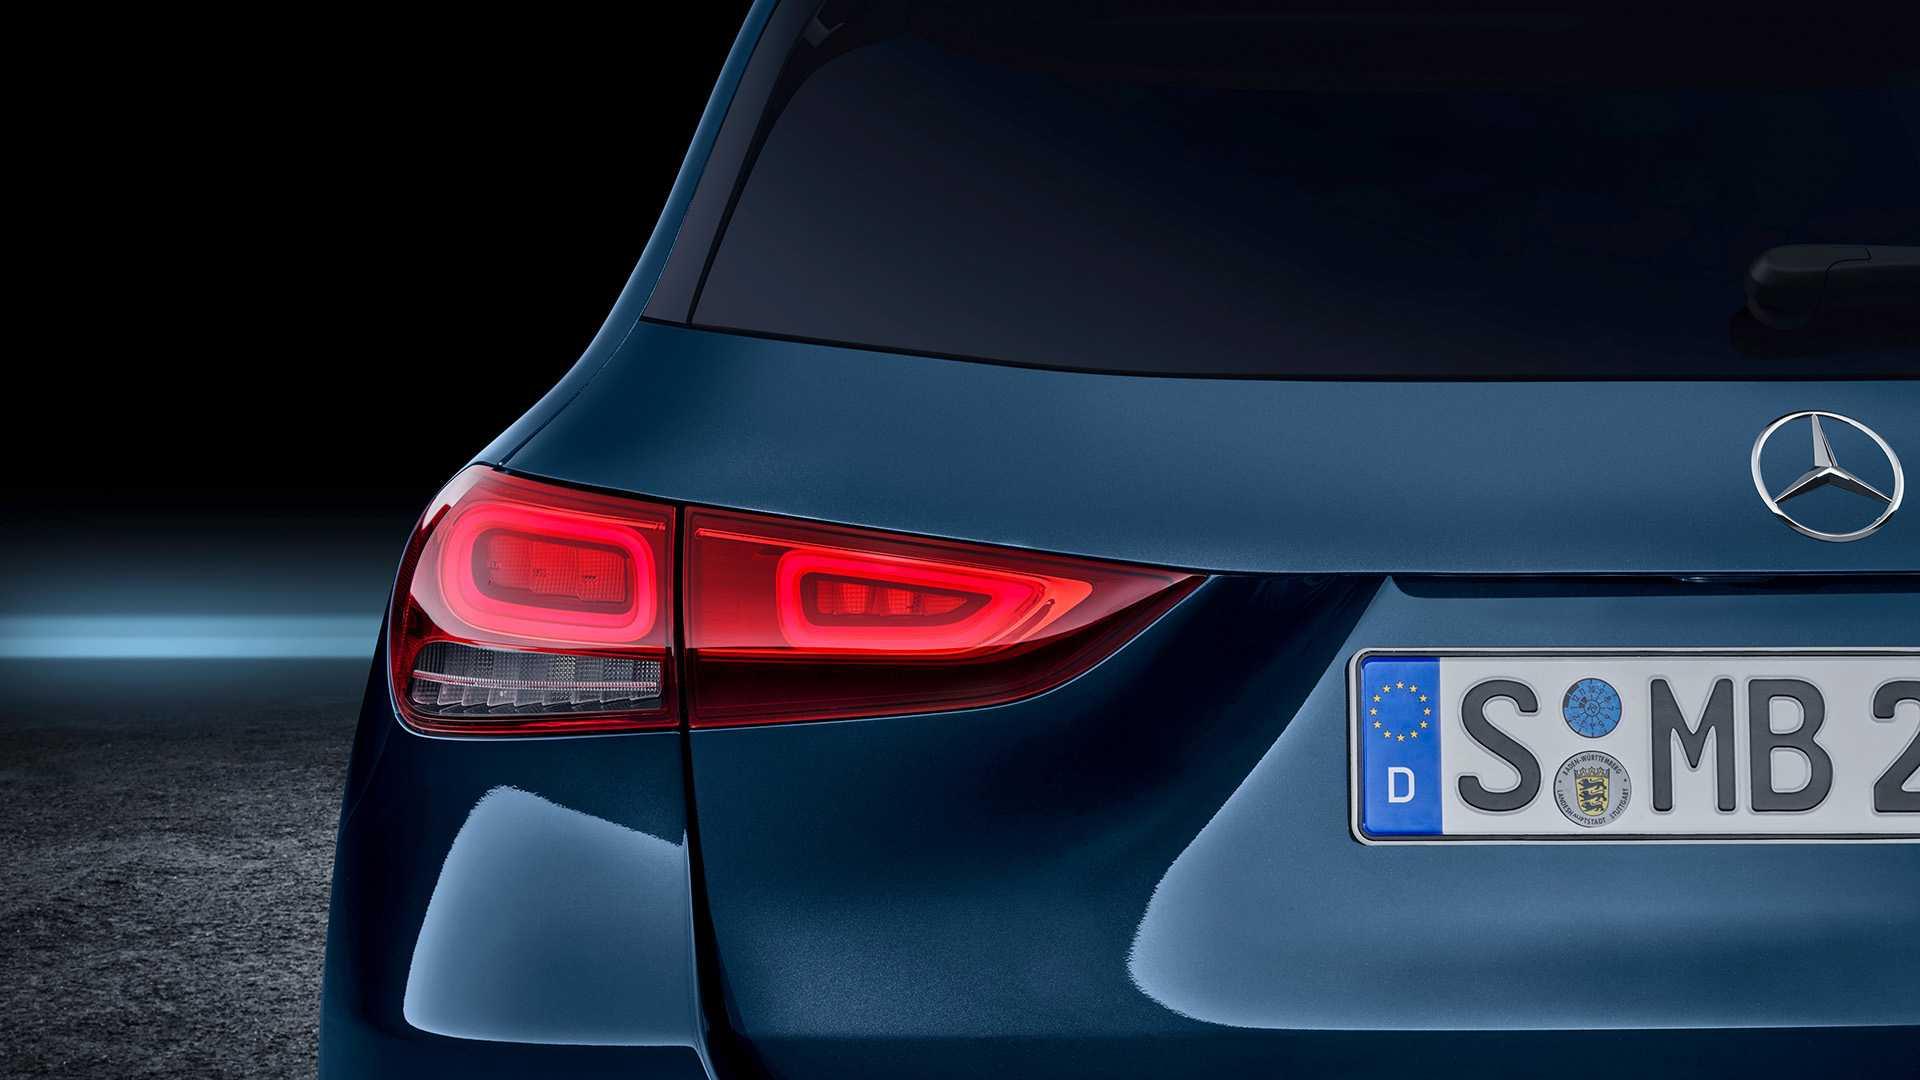 Ra mắt Mercedes-Benz GLA 2021 thế hệ mới, nhiều cải tiến đáng chú ý - 08